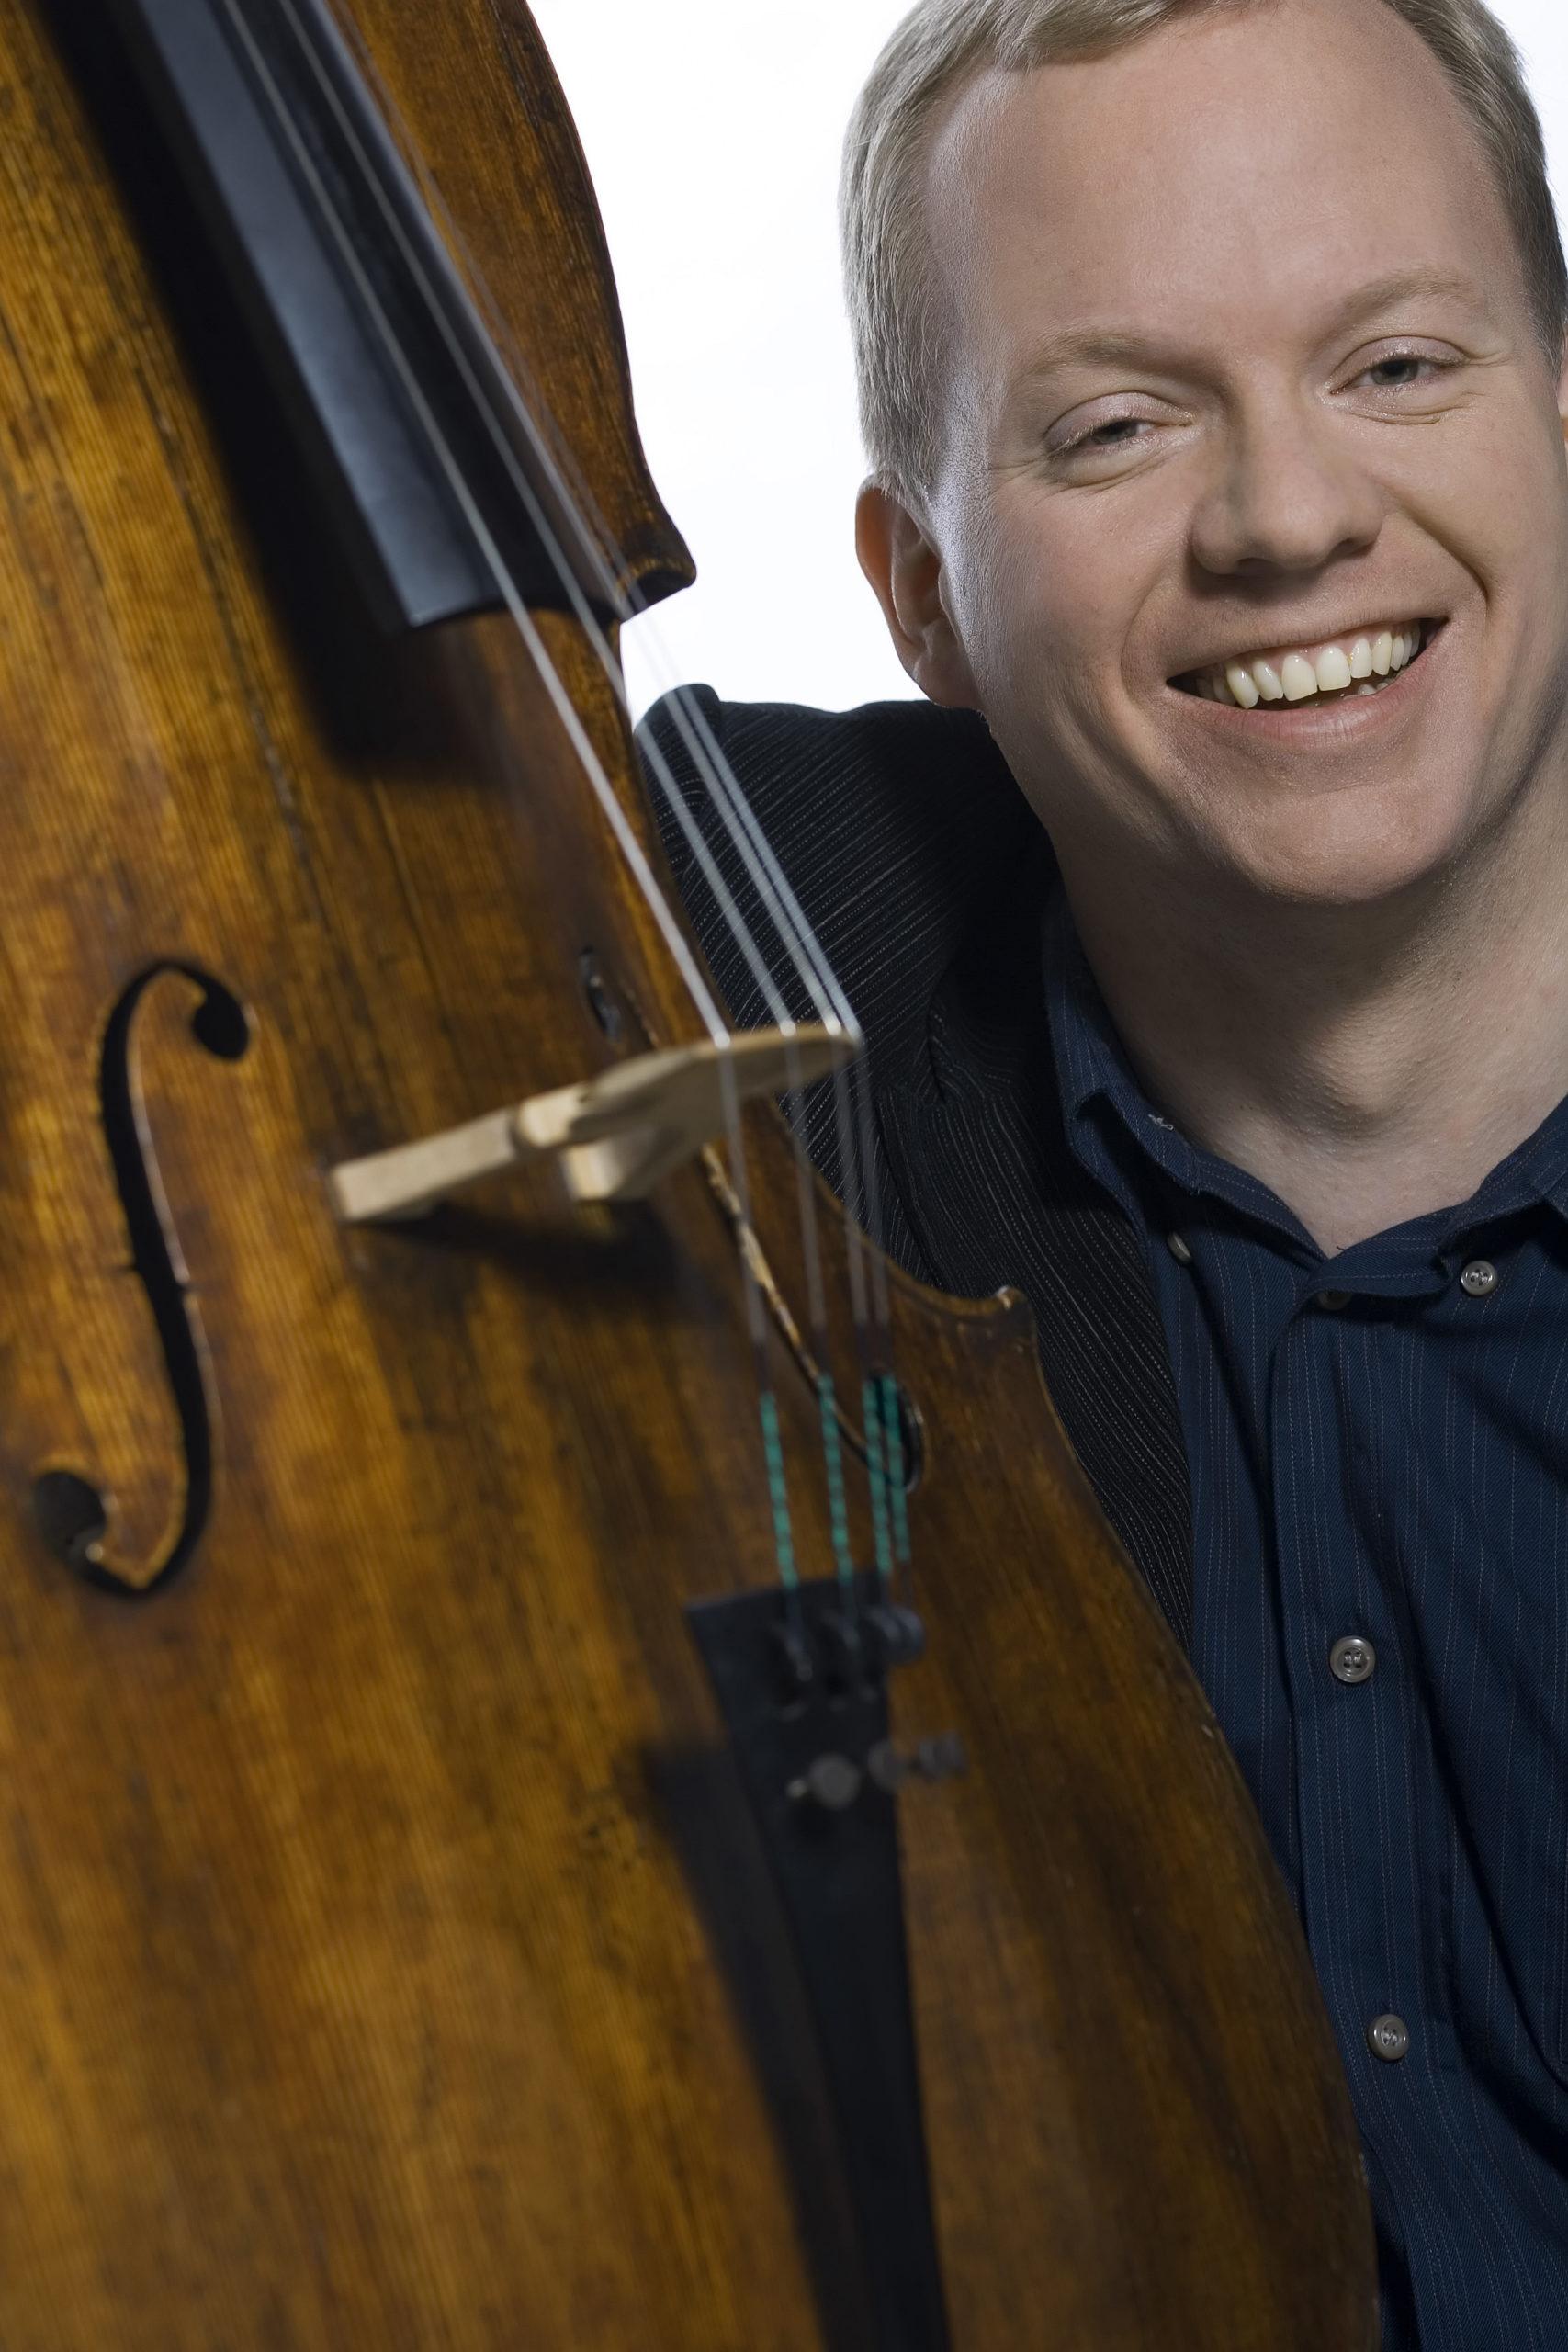 Wiener Symphoniker - Solo-Cello Suiten von Johann Sebastian Bach